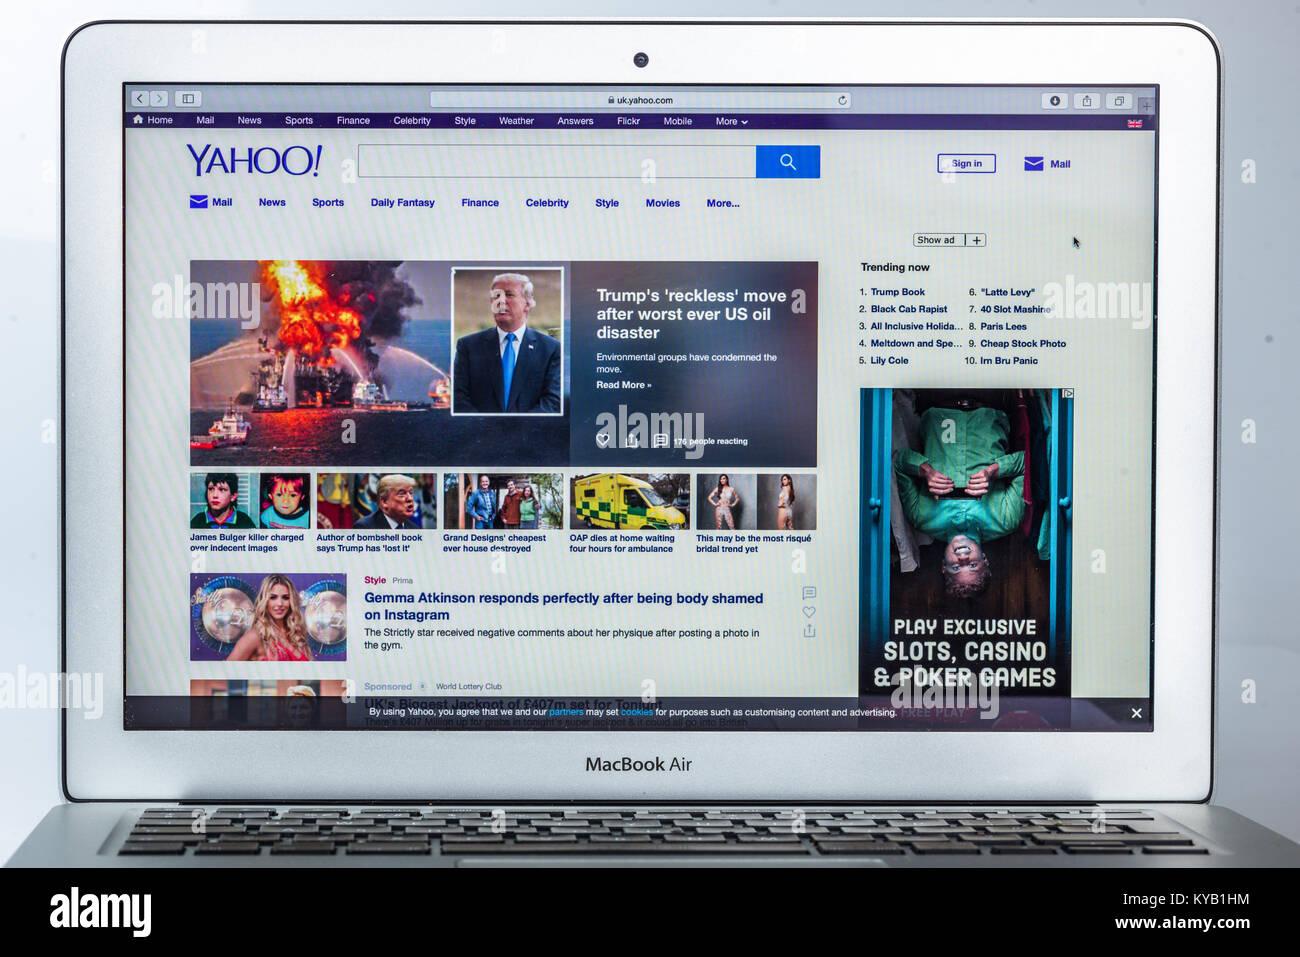 Yahoo webpages - Stock Image